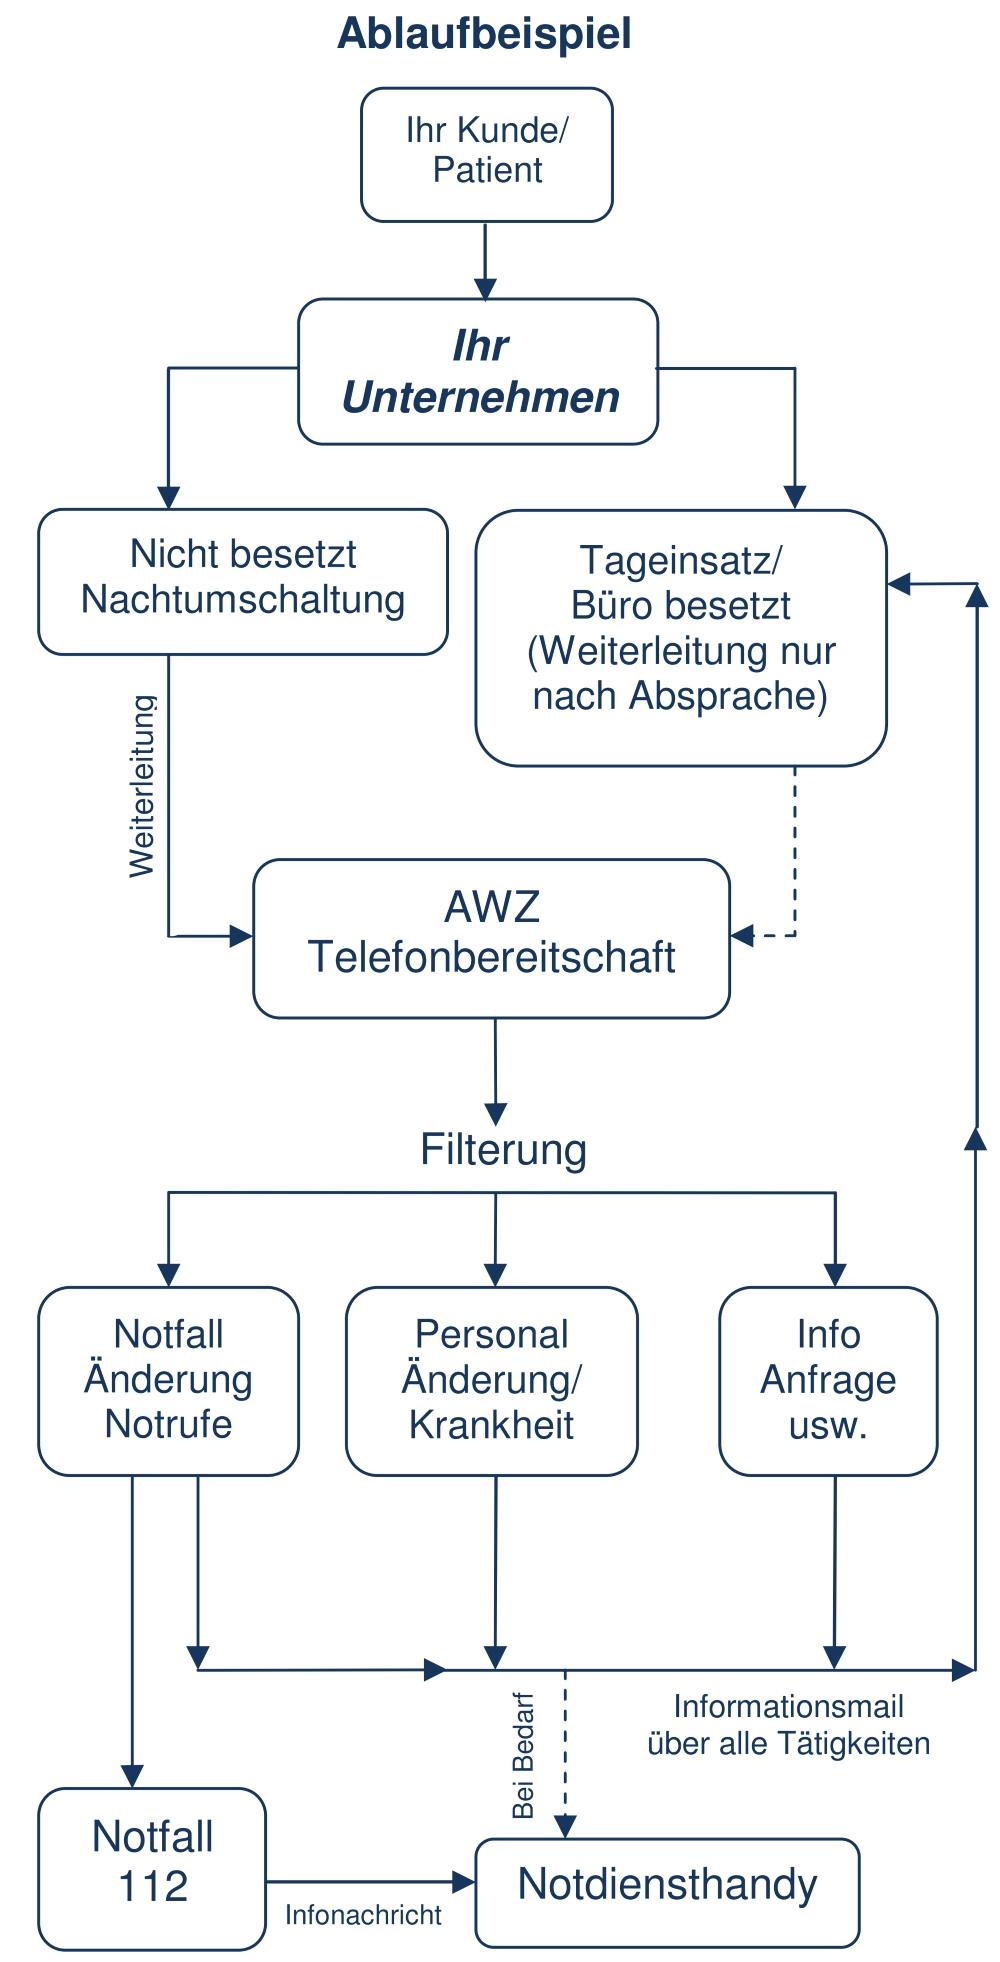 Ablaufbeispiel für Service-Telefonie oder Bereitschafts-Telefonie